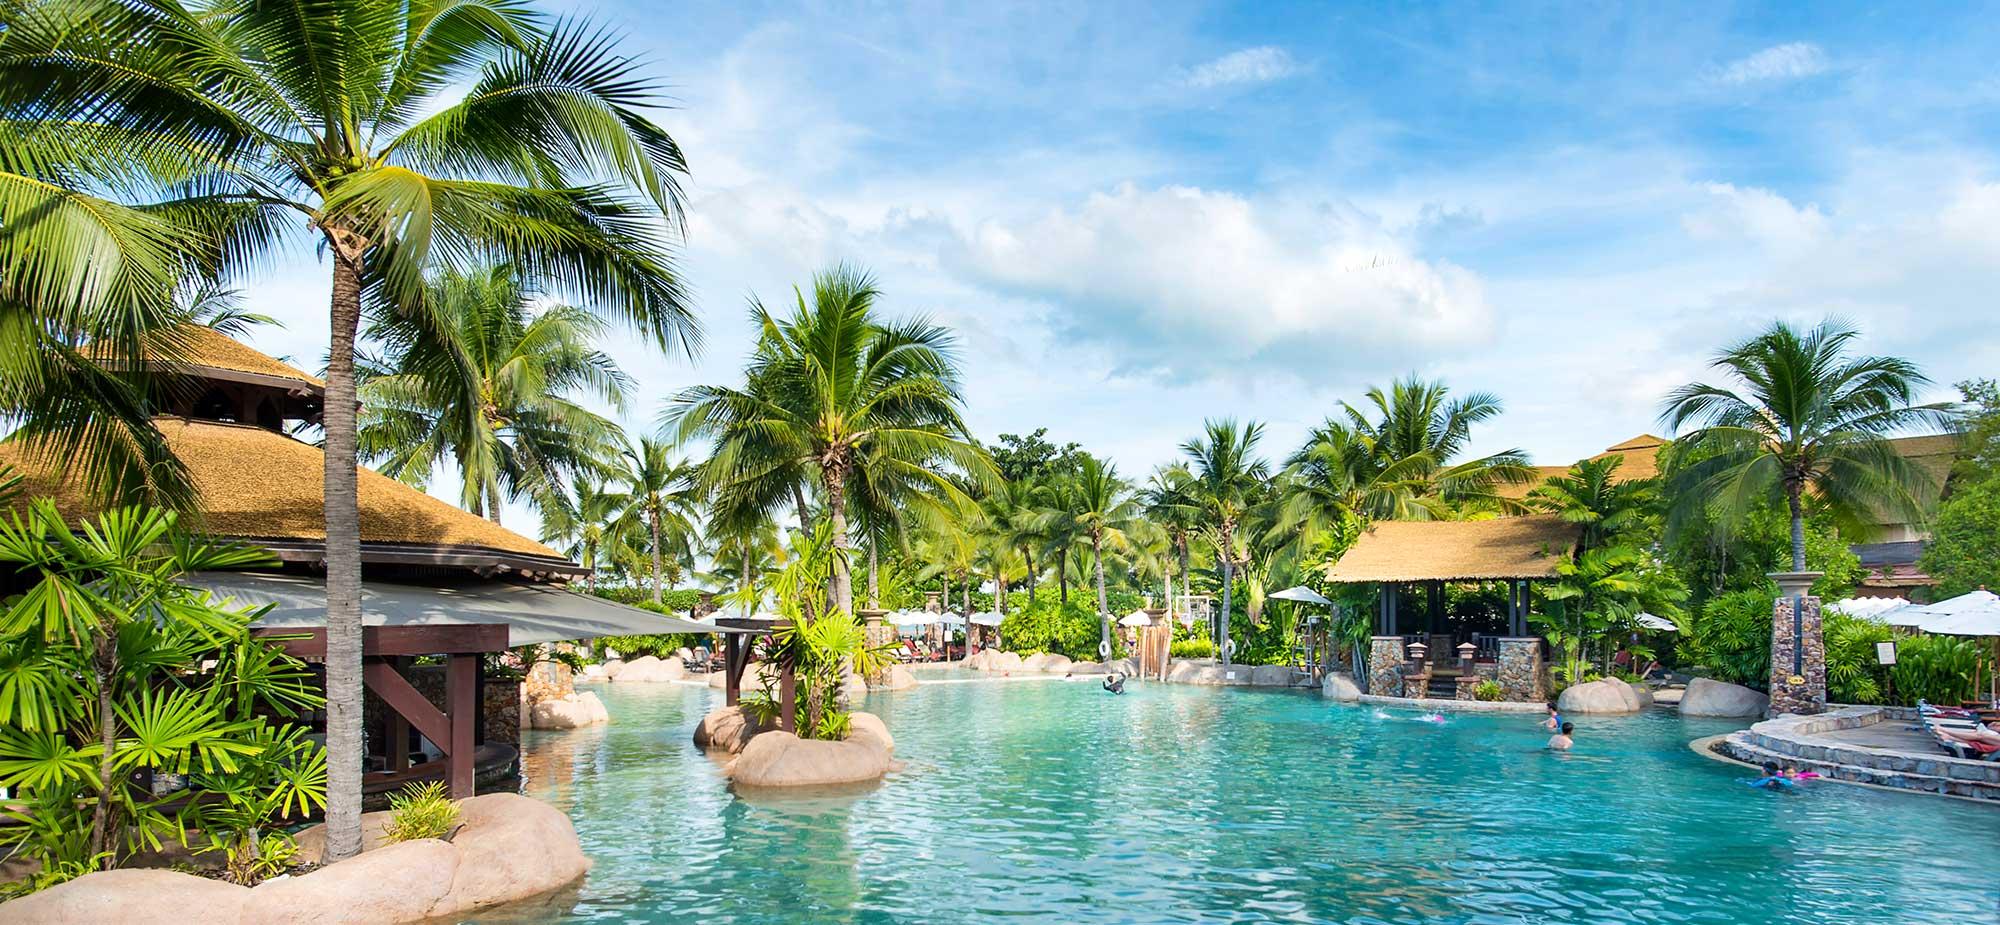 Les plus beaux hôtels à découvrir en famille